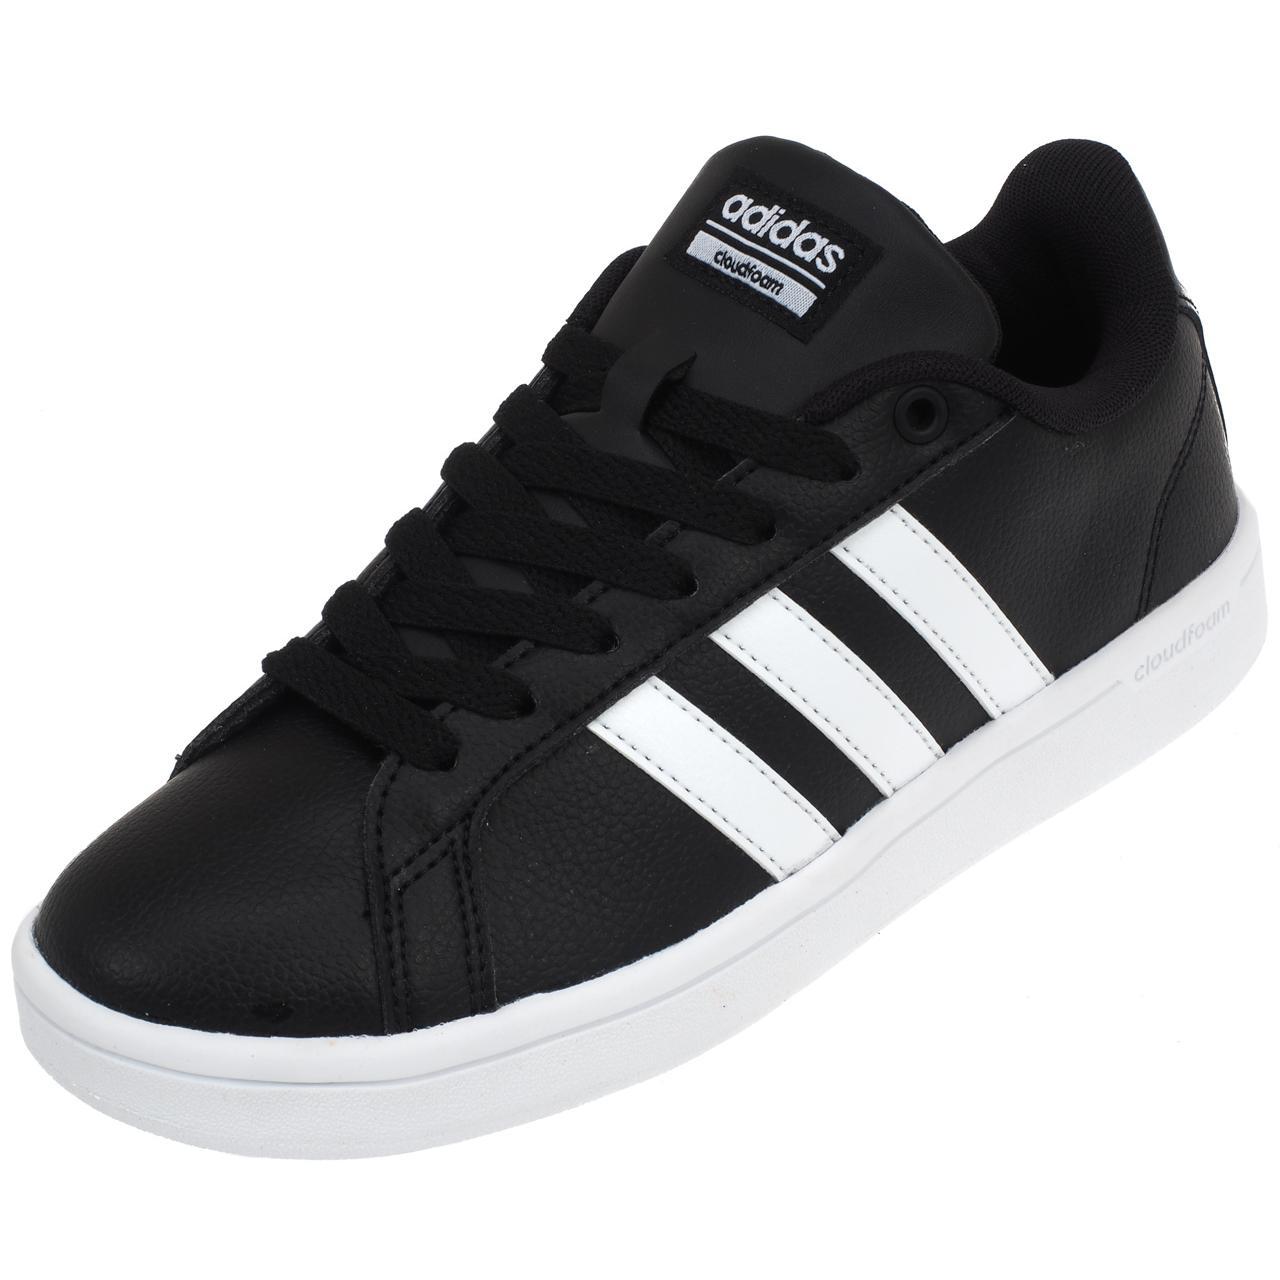 CHAUSSURES MODE VILLE Adidas Advantage noir blc Noir 38906